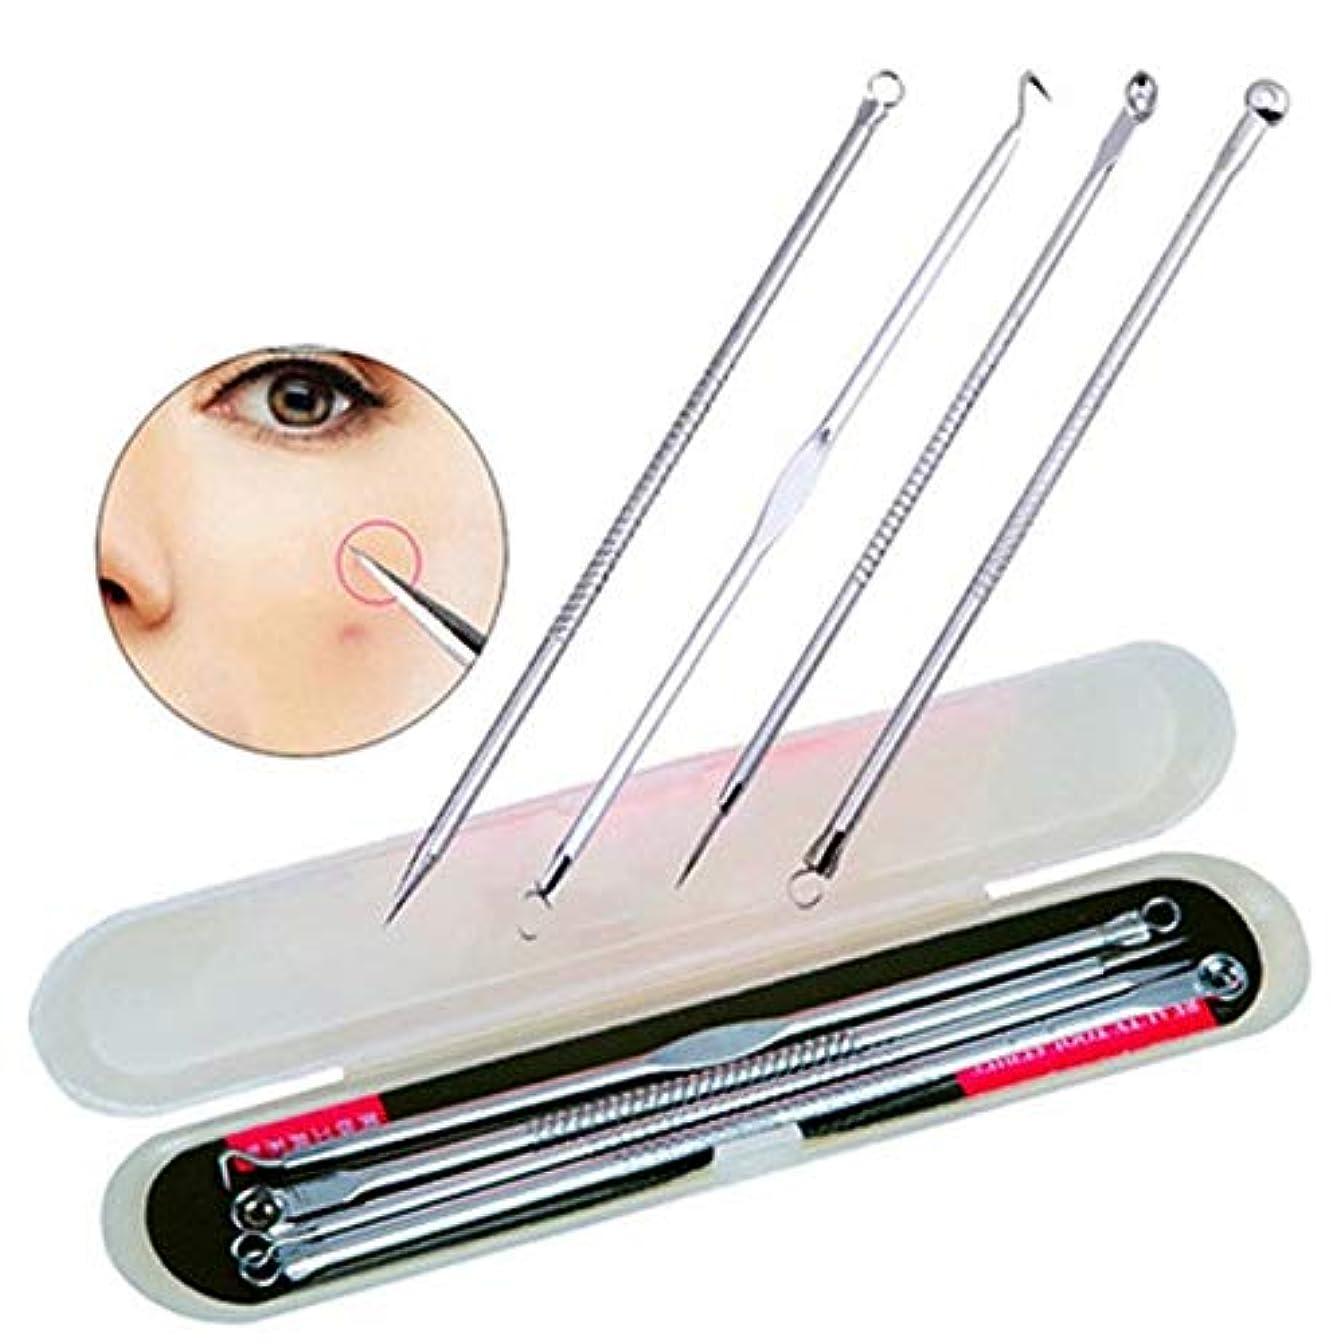 アヒル言い換えると発明する4PCS Blackhead Extractor Black Dots Pimple Cleaner Acne Blemish Remover Needles Set Black Spots Pore Point Noir...